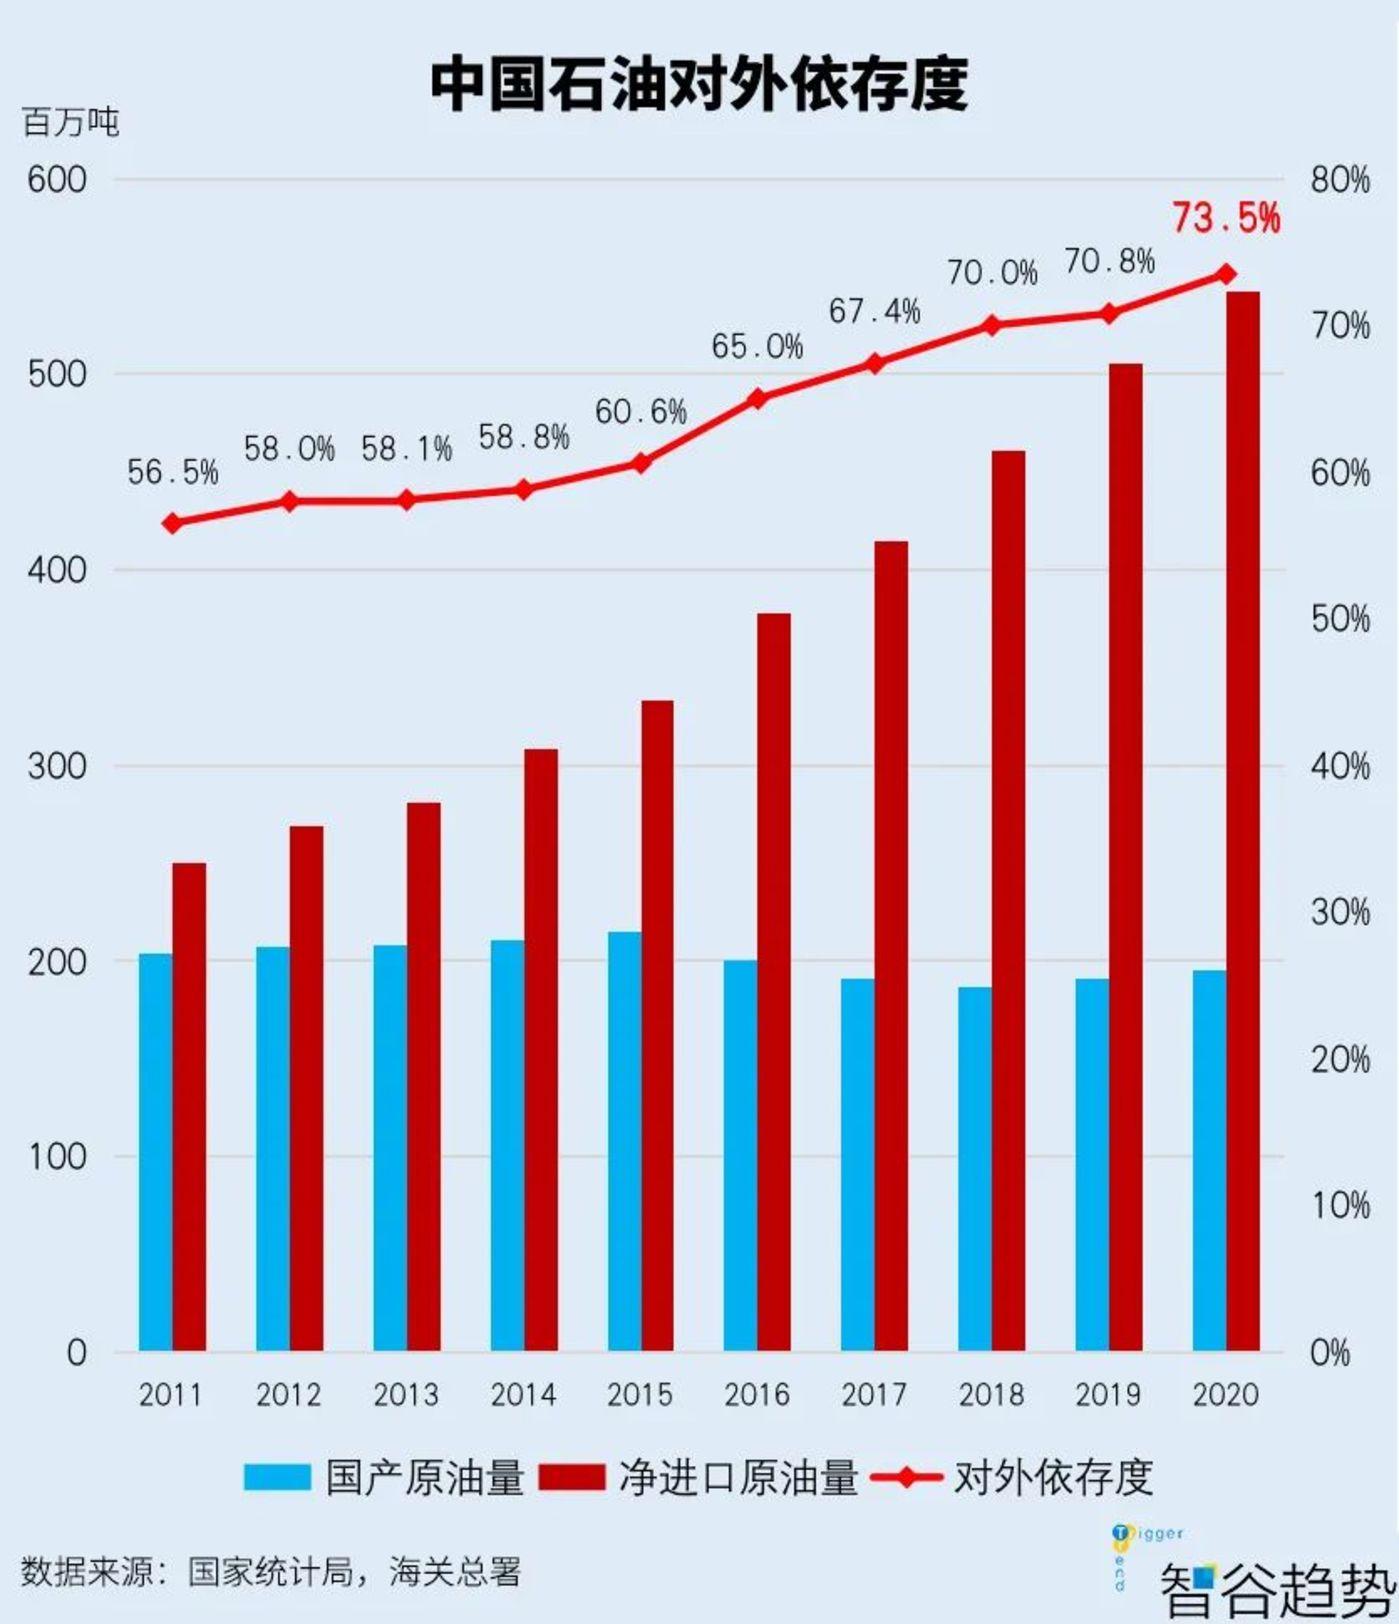 中国石油对外依存度